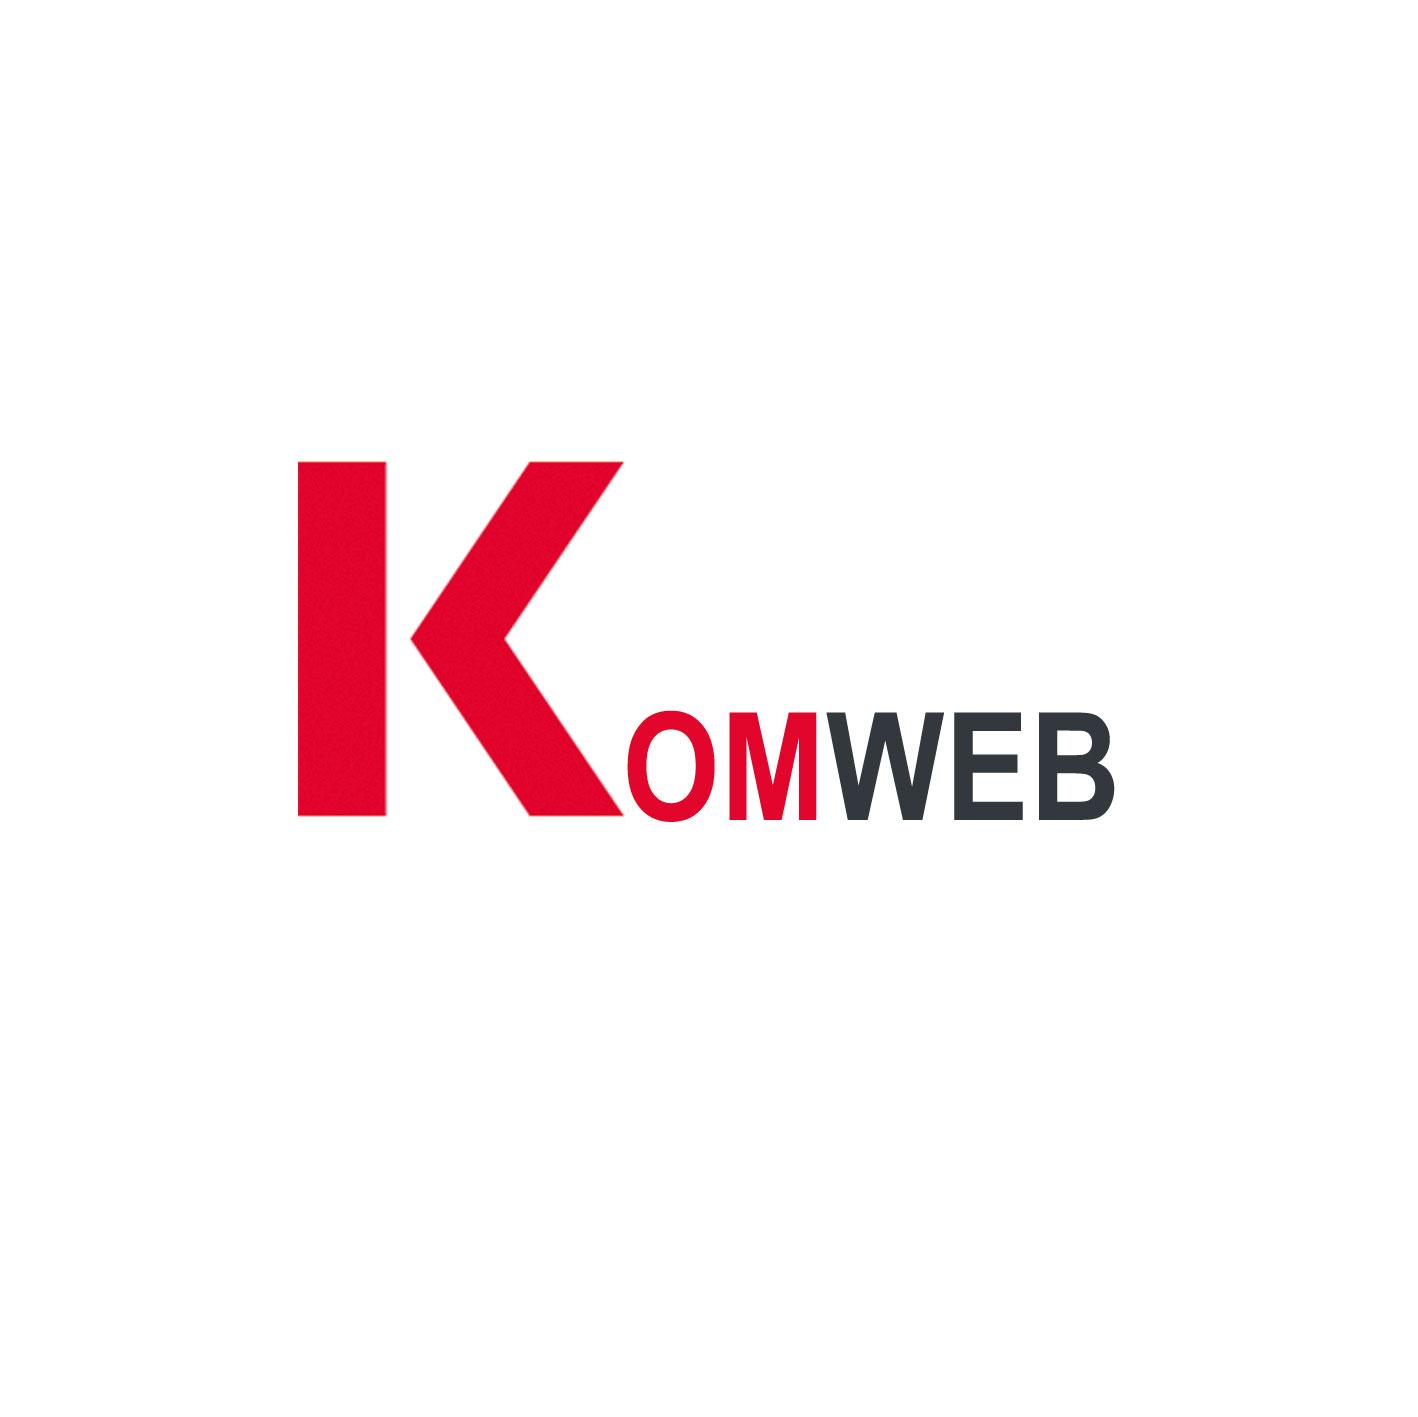 Komweb